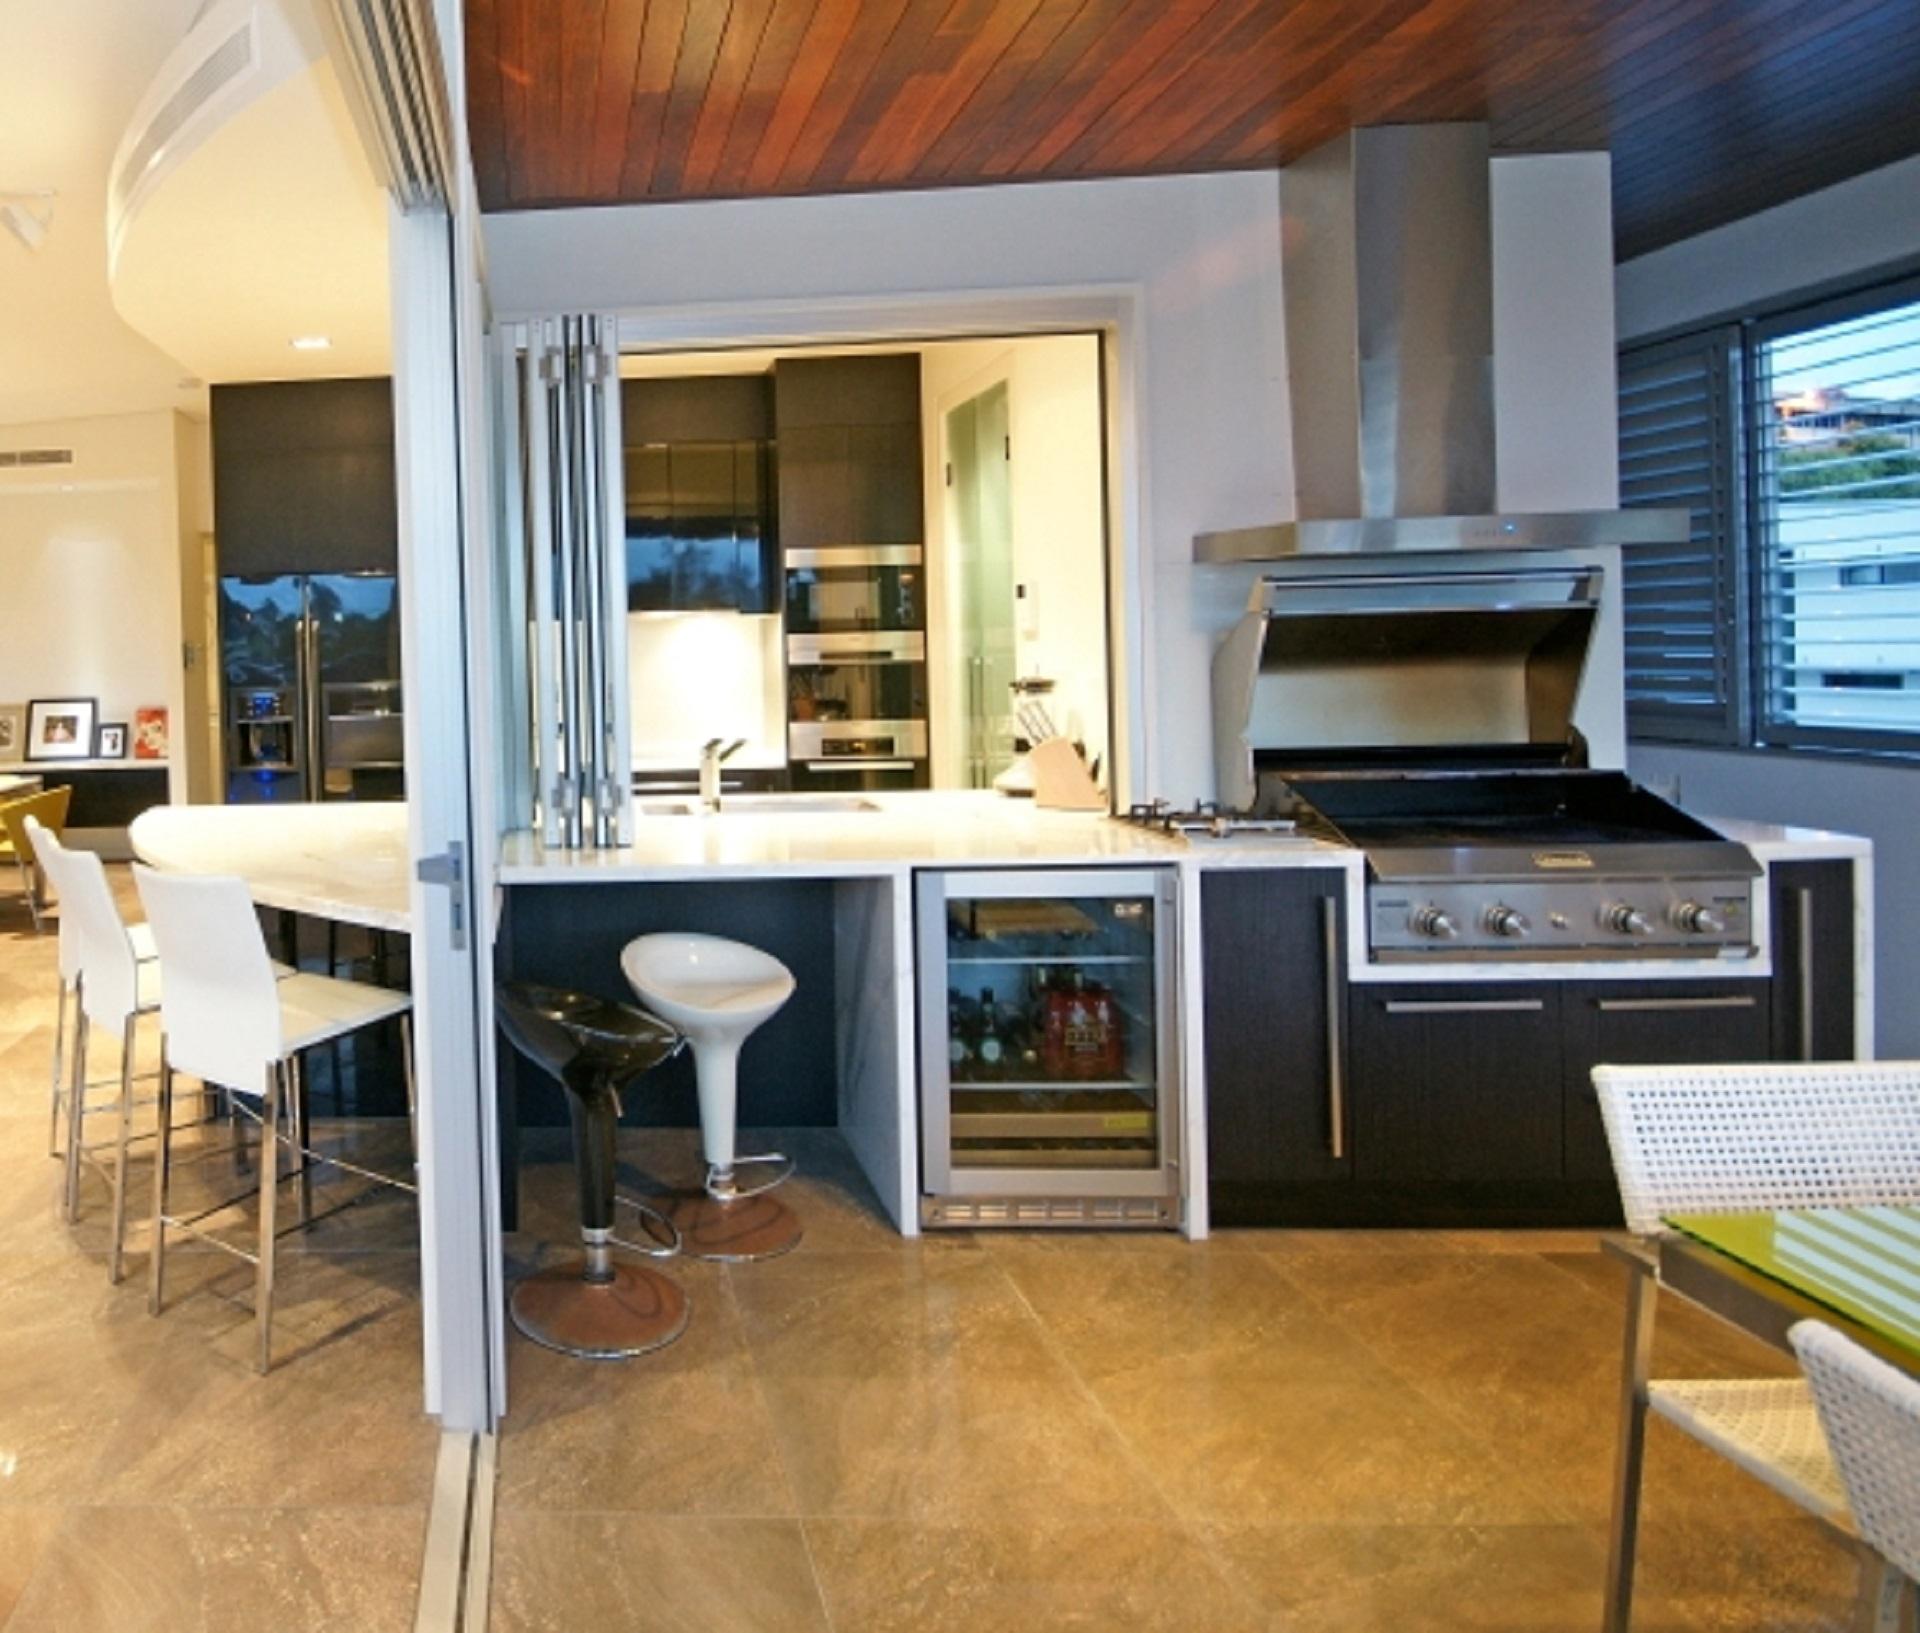 Brisbane Kitchen Design Black 2 Pac with Carrara Marble Benchtop3